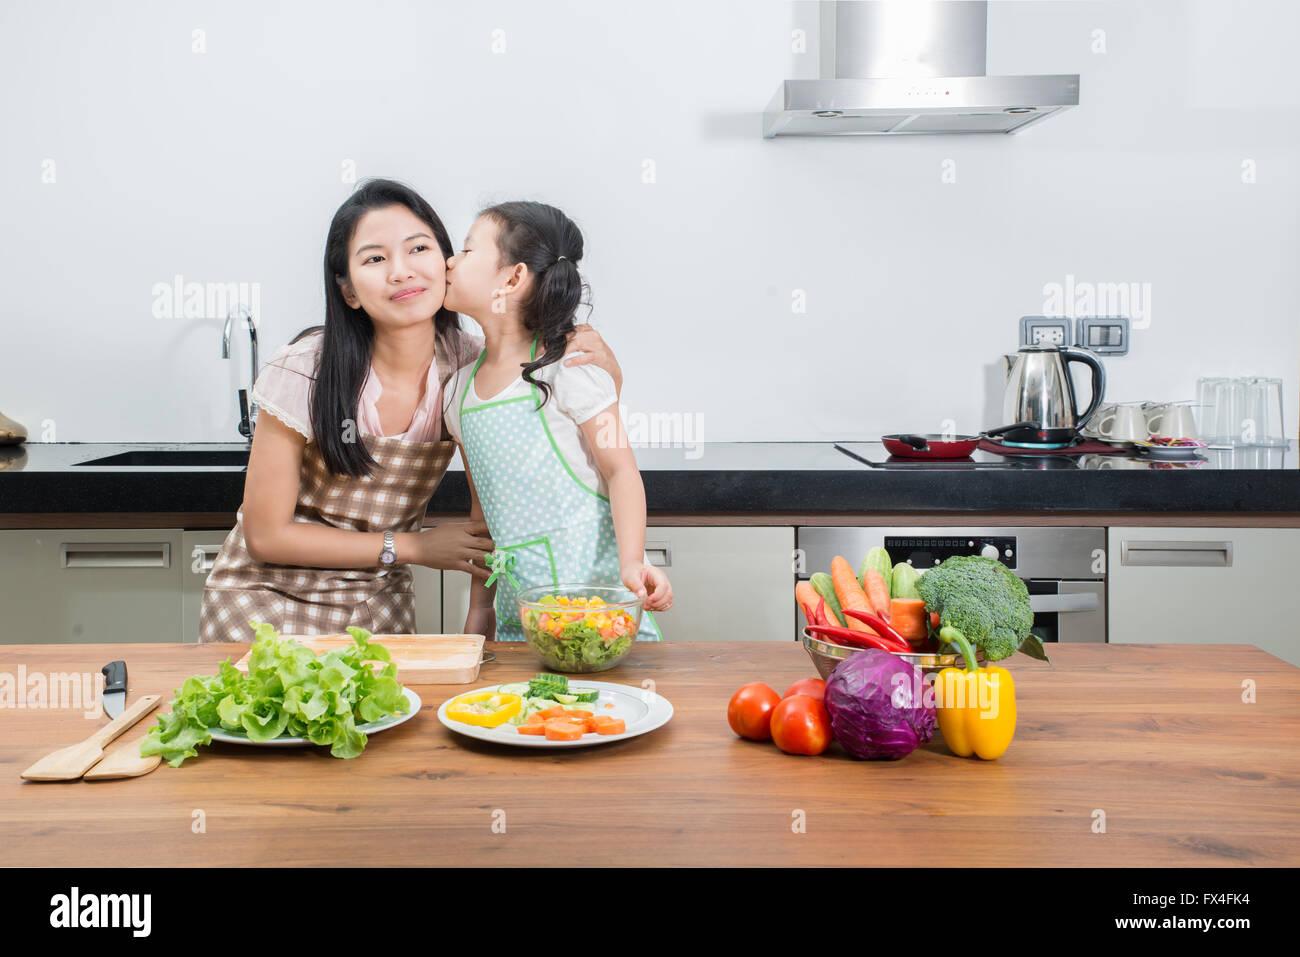 Família, Crianças e pessoas felizes conceito - Asiática mãe e filha kid cozinhando na cozinha Imagens de Stock